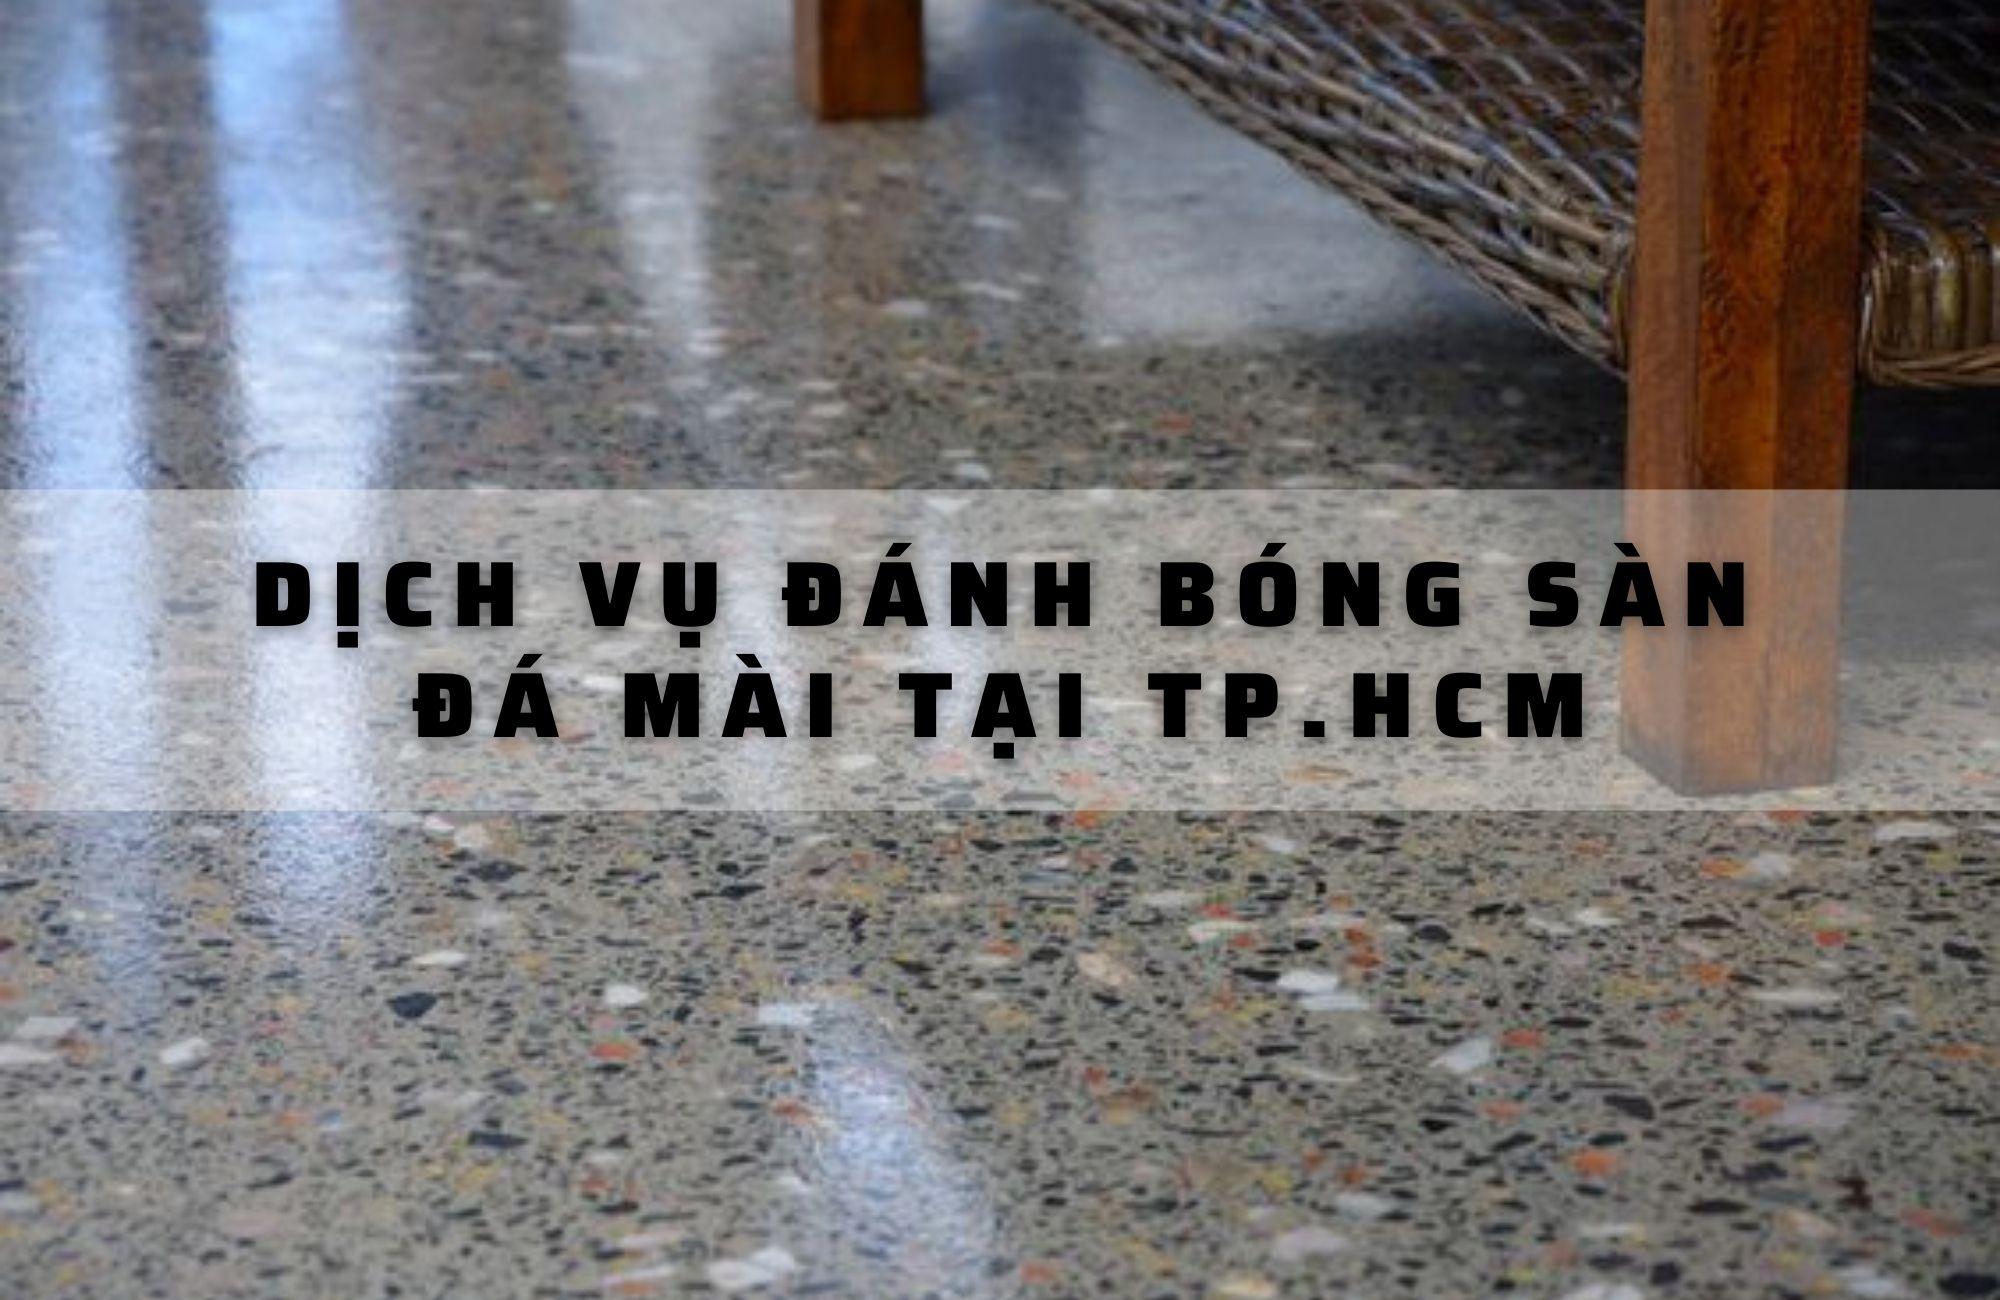 danh-bong-san-da-mai-tai-tphcm